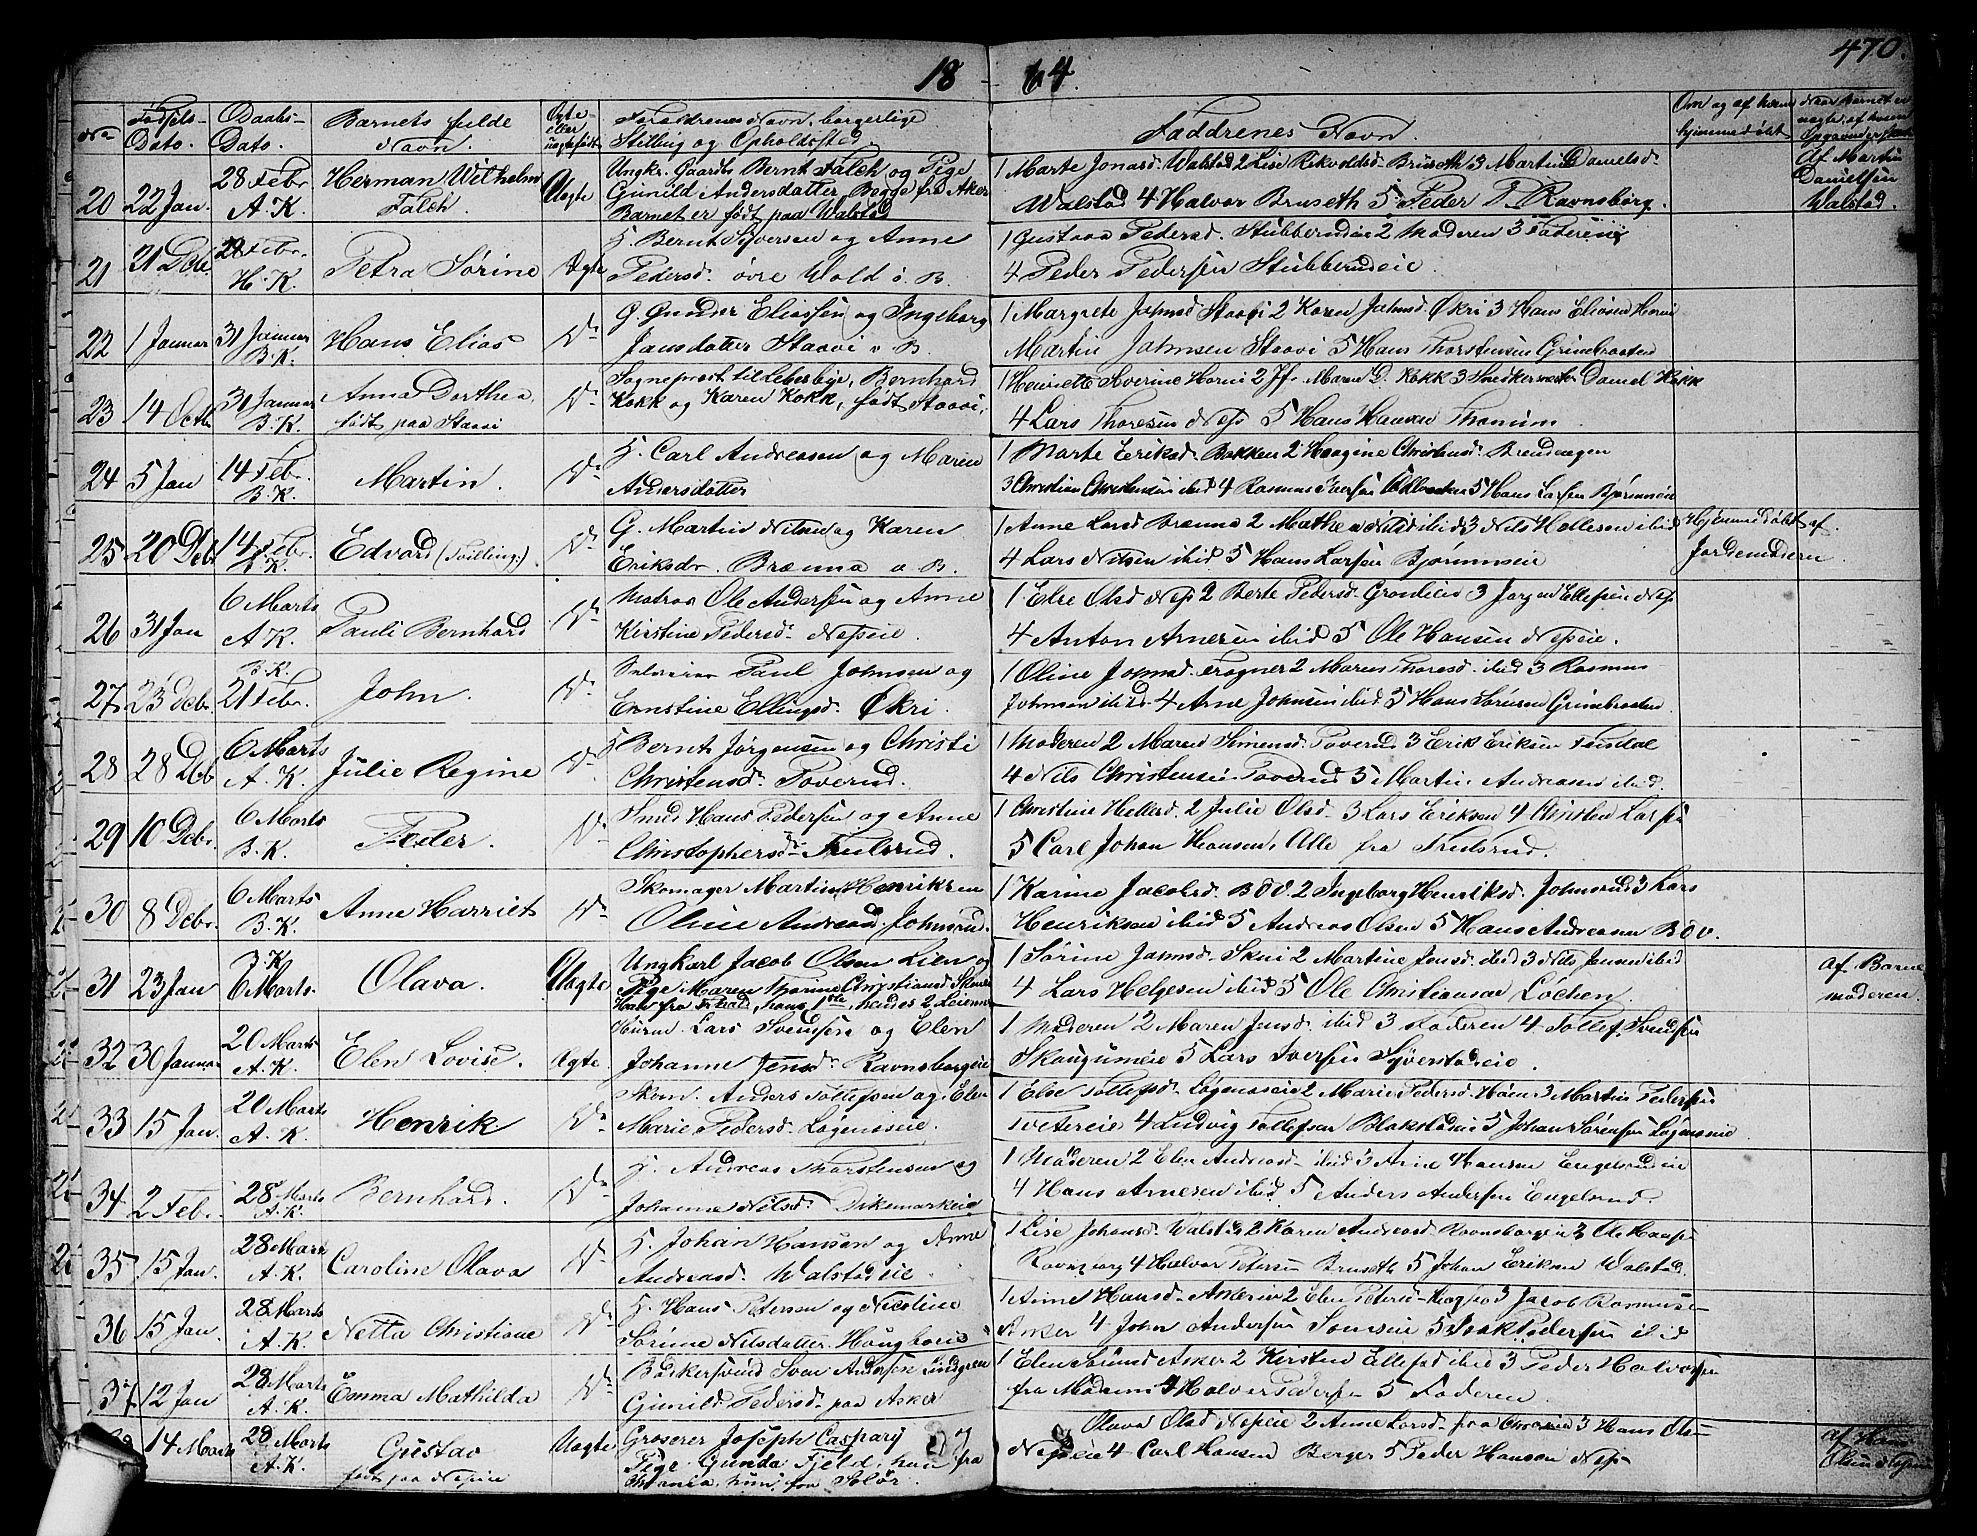 SAO, Asker prestekontor Kirkebøker, F/Fa/L0007: Ministerialbok nr. I 7, 1825-1864, s. 470